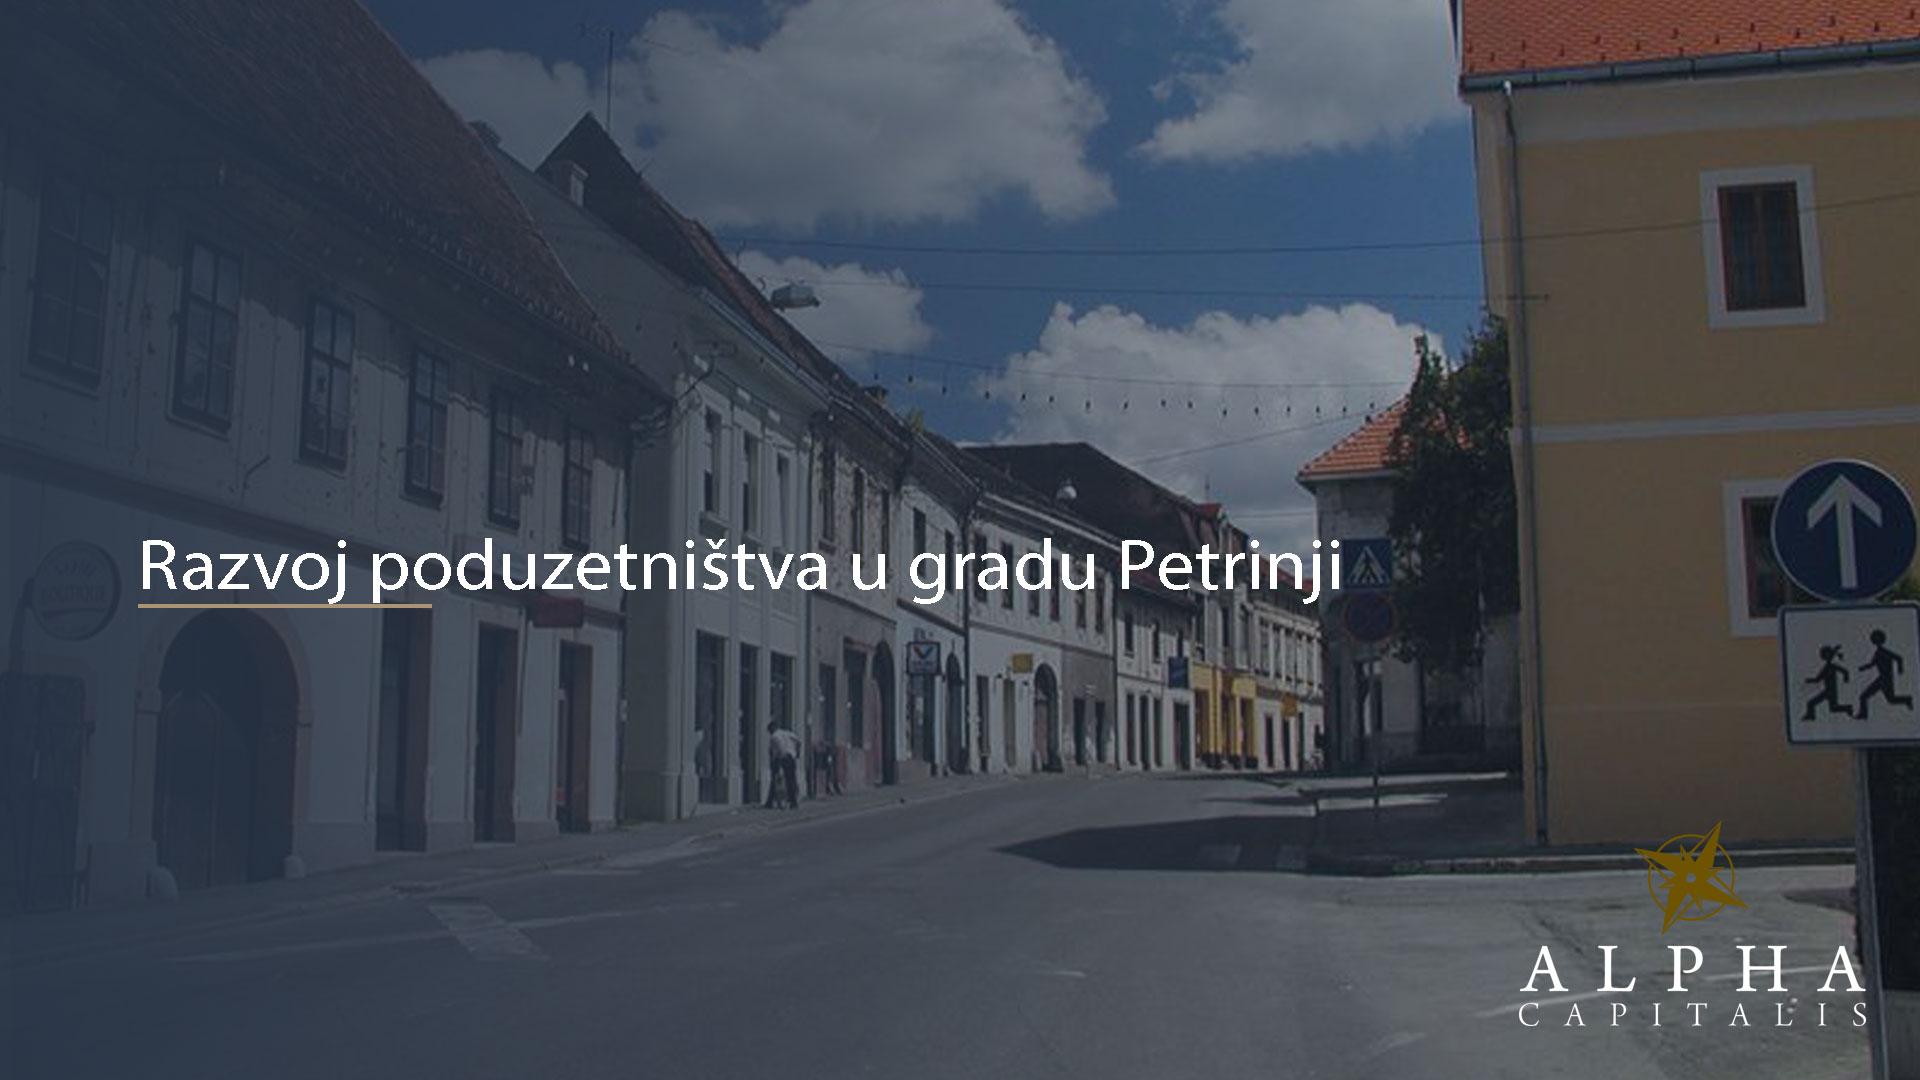 alpha-capitalis-Razvoj-poduzetništva-u-gradu-Petrinji